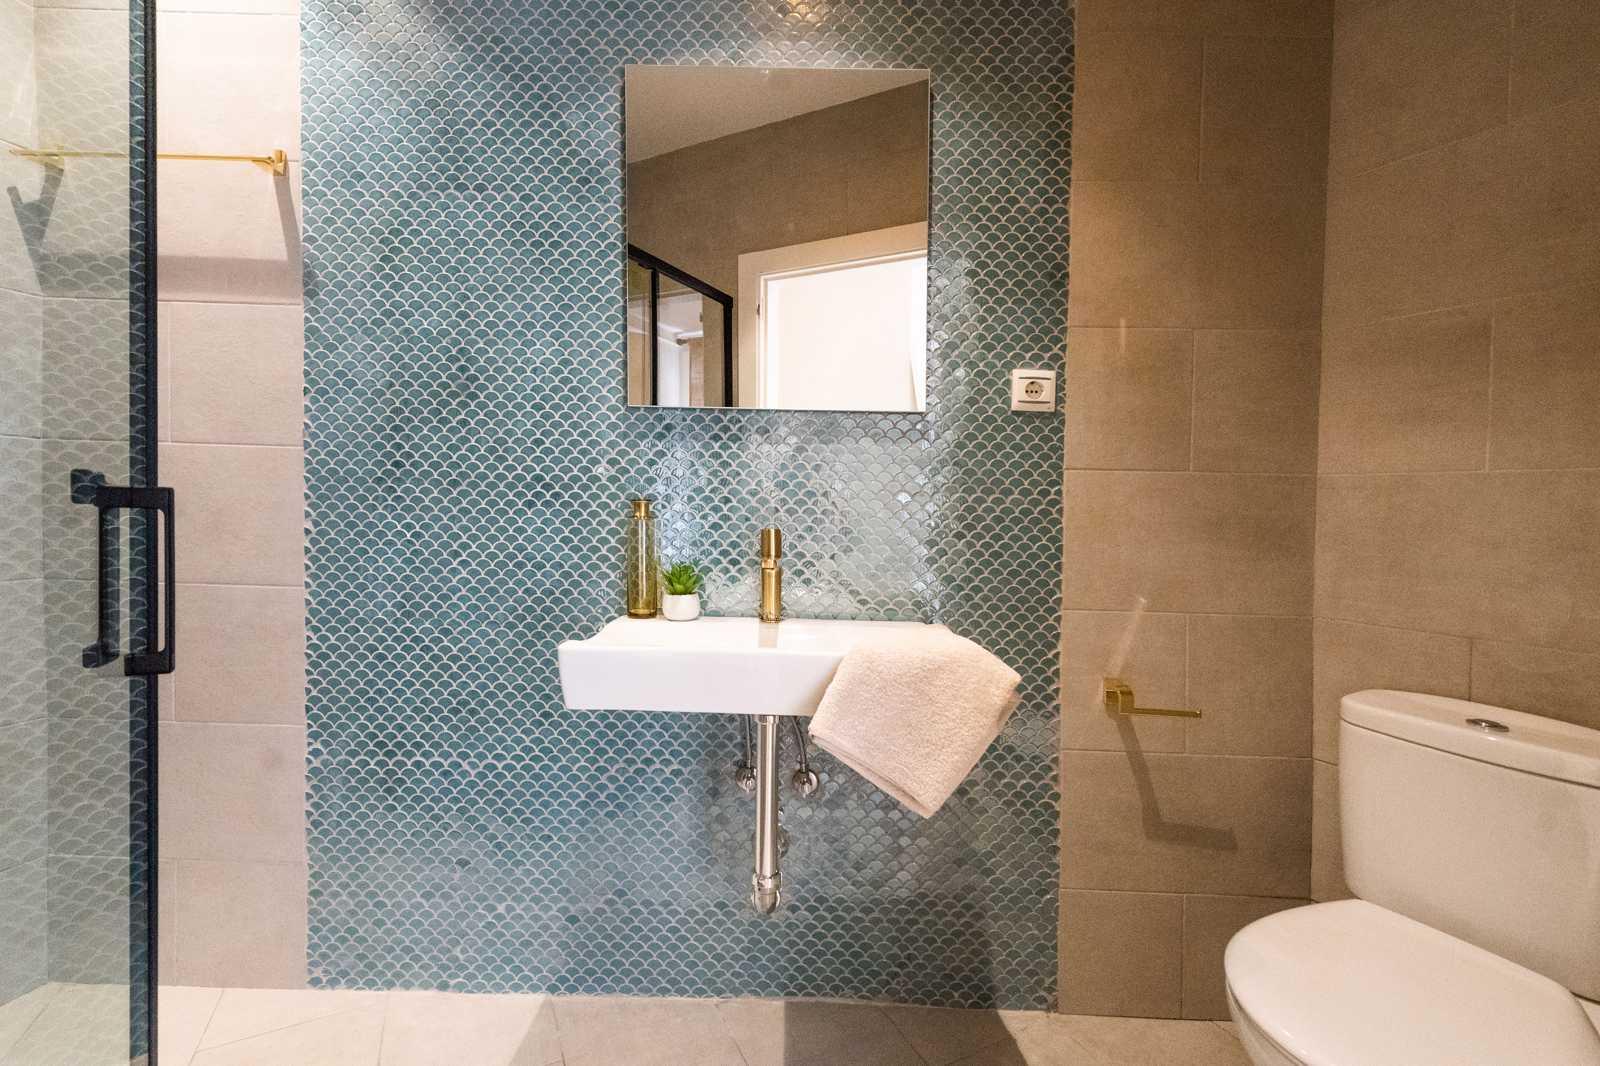 Holiday rental apartaments in Málaga. Apartments in the city center and El Palo beach. The best location in Málaga. - Suites La Merced 2 dormitorios Bajo